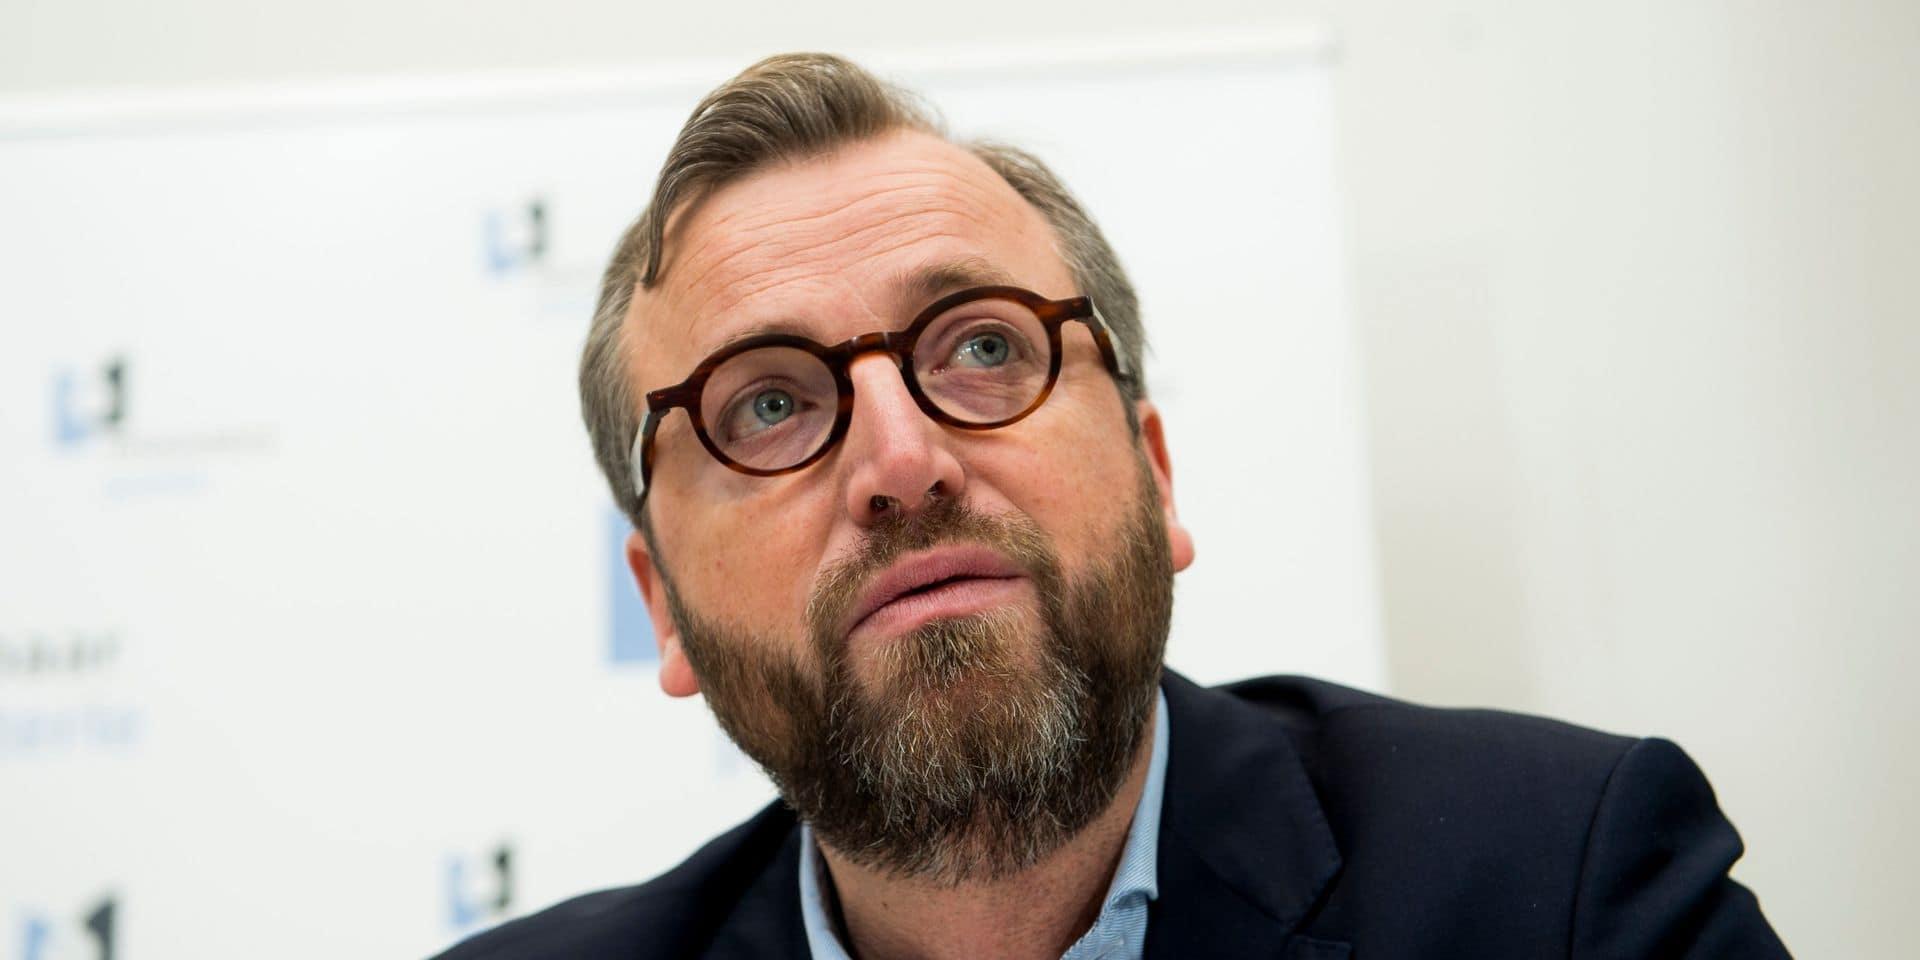 Jean-Marc Meilleur, Procureur du Roi de Bruxelles, démissionne